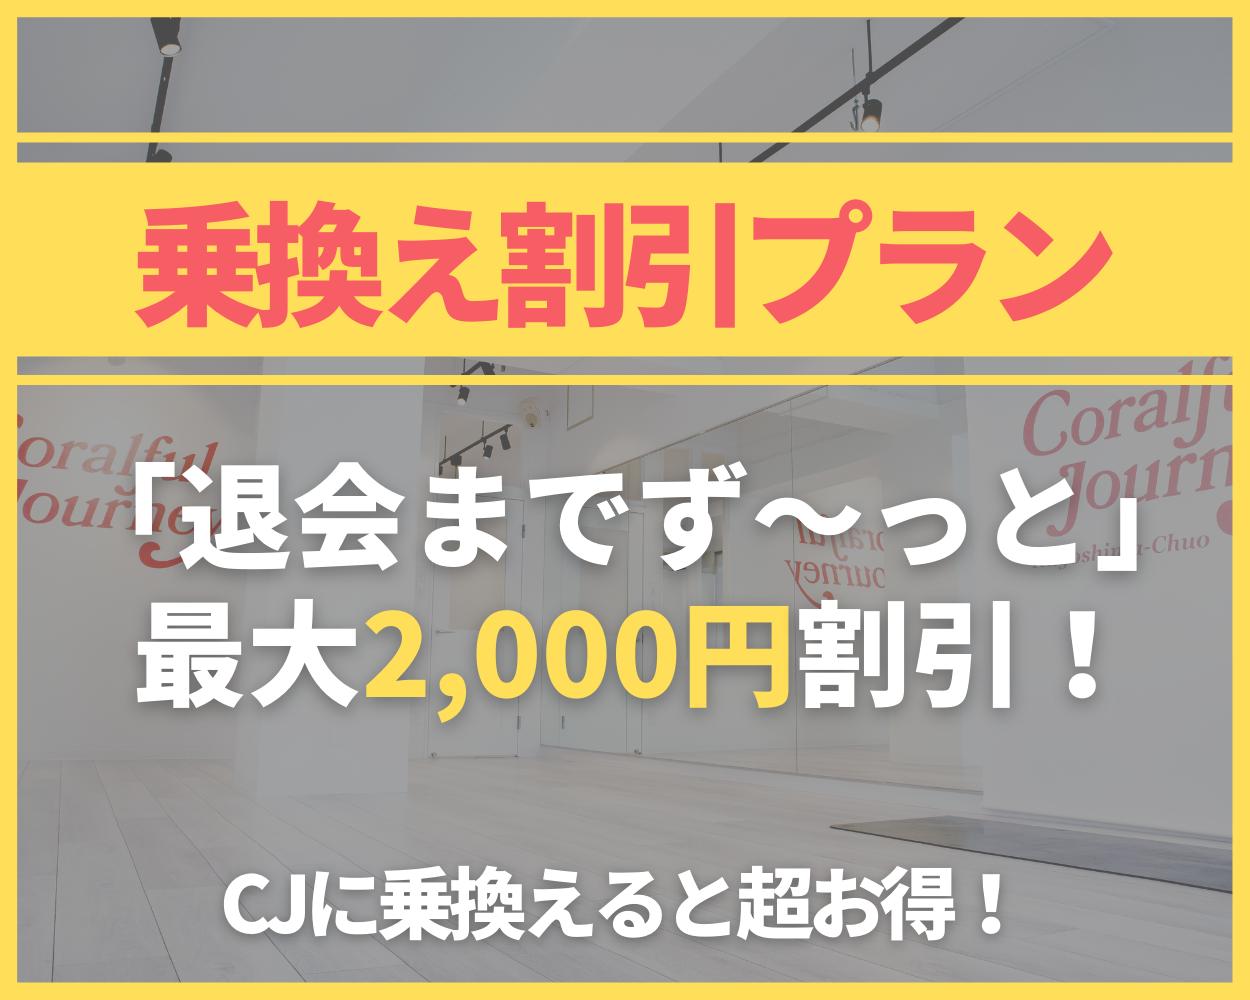 乗換え割引プラン!いつまでも月額最大¥2,000オフ!